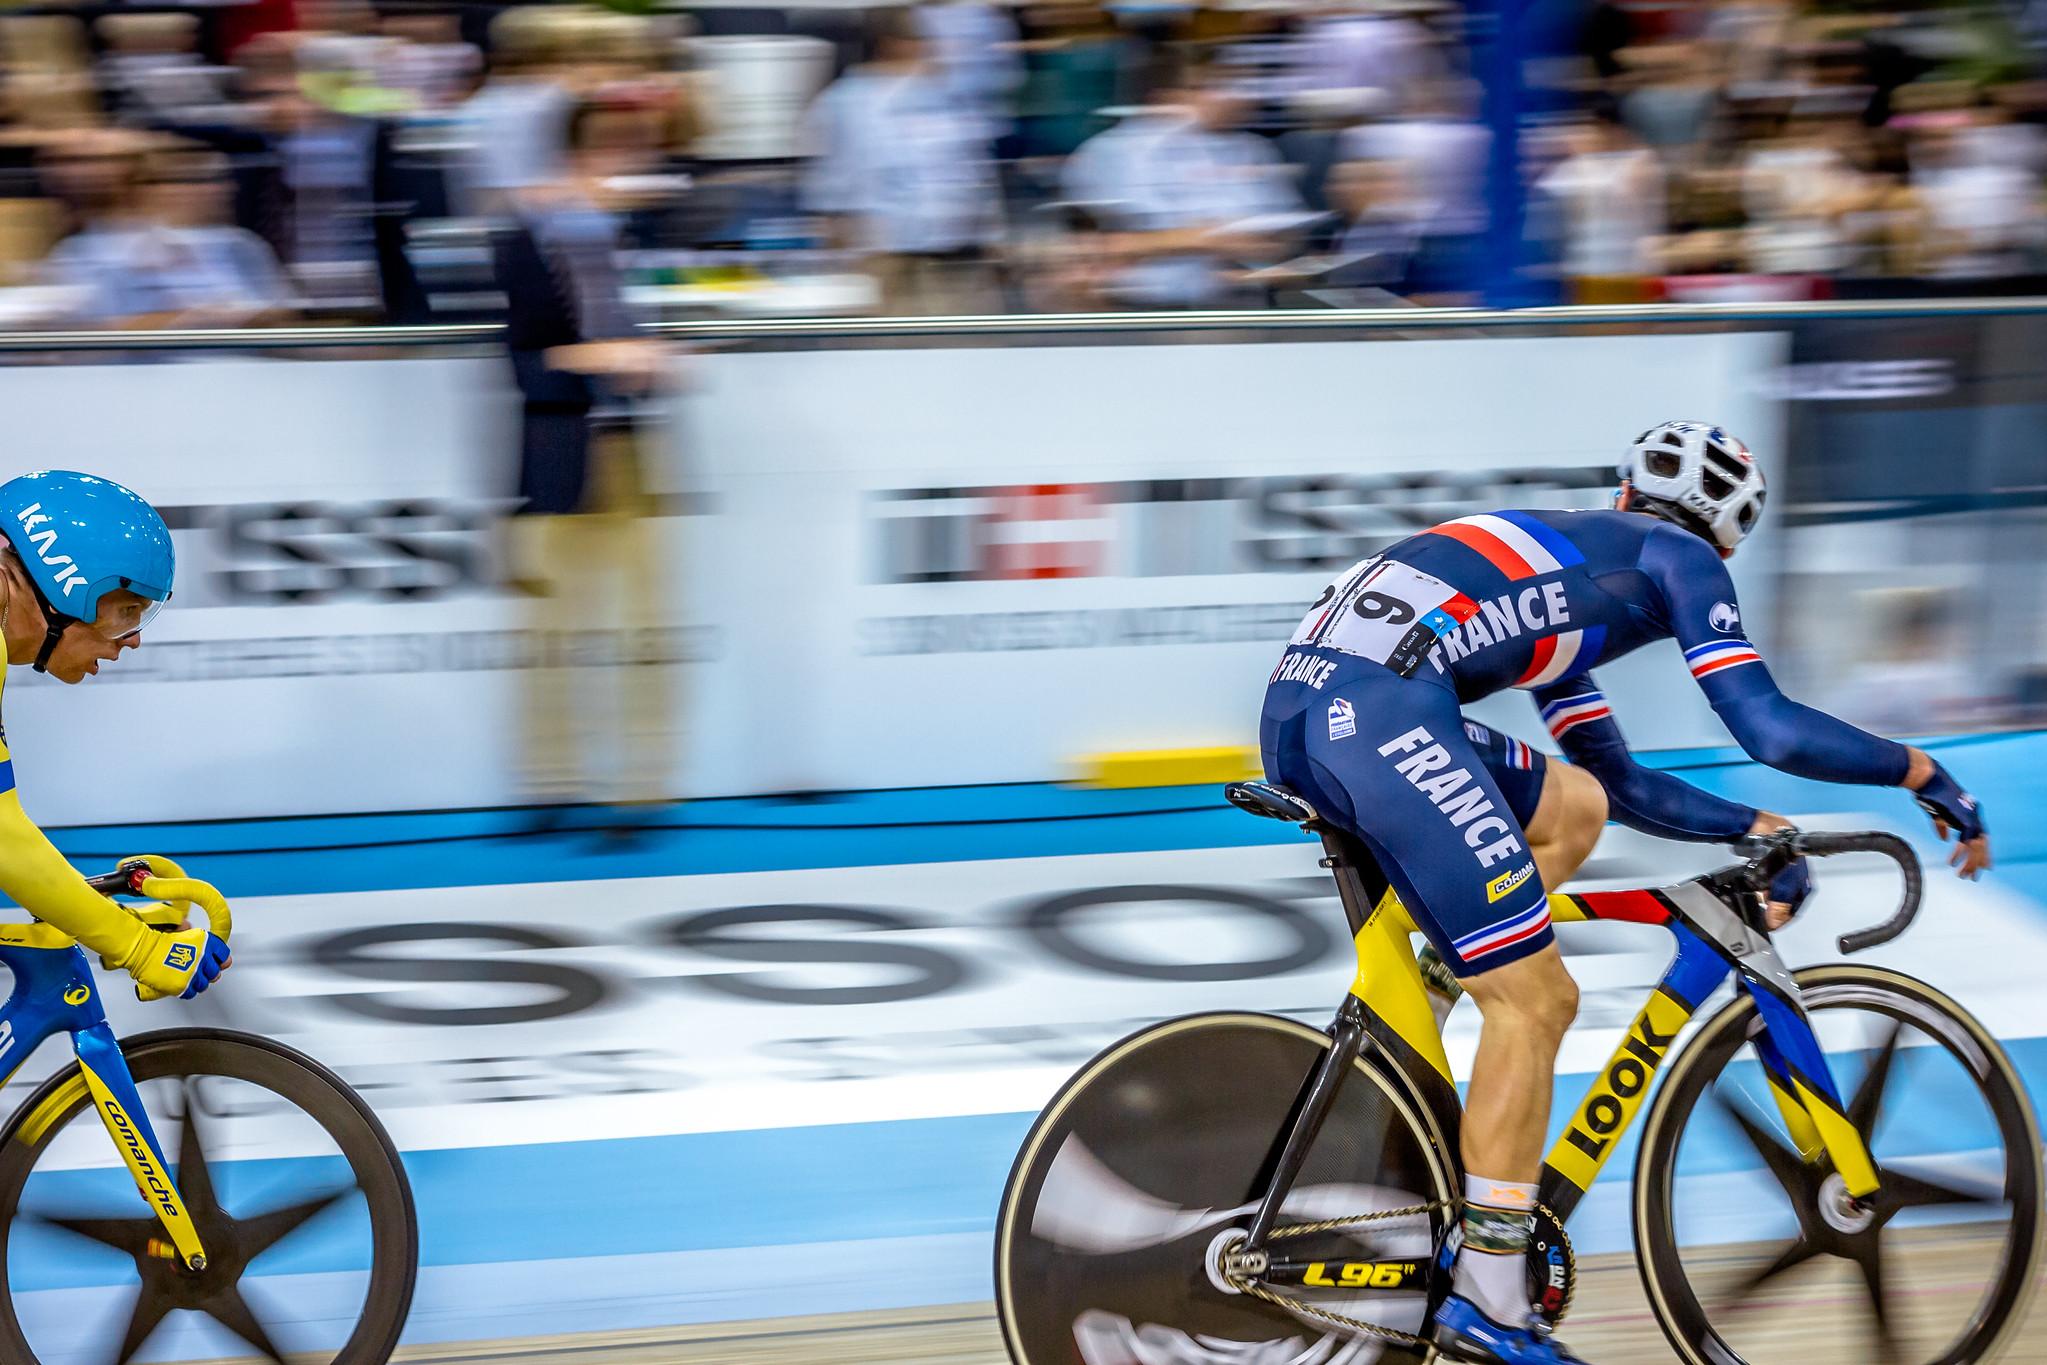 東京オリンピック2020自転車・結果速報・日程日本代表選手・チケット